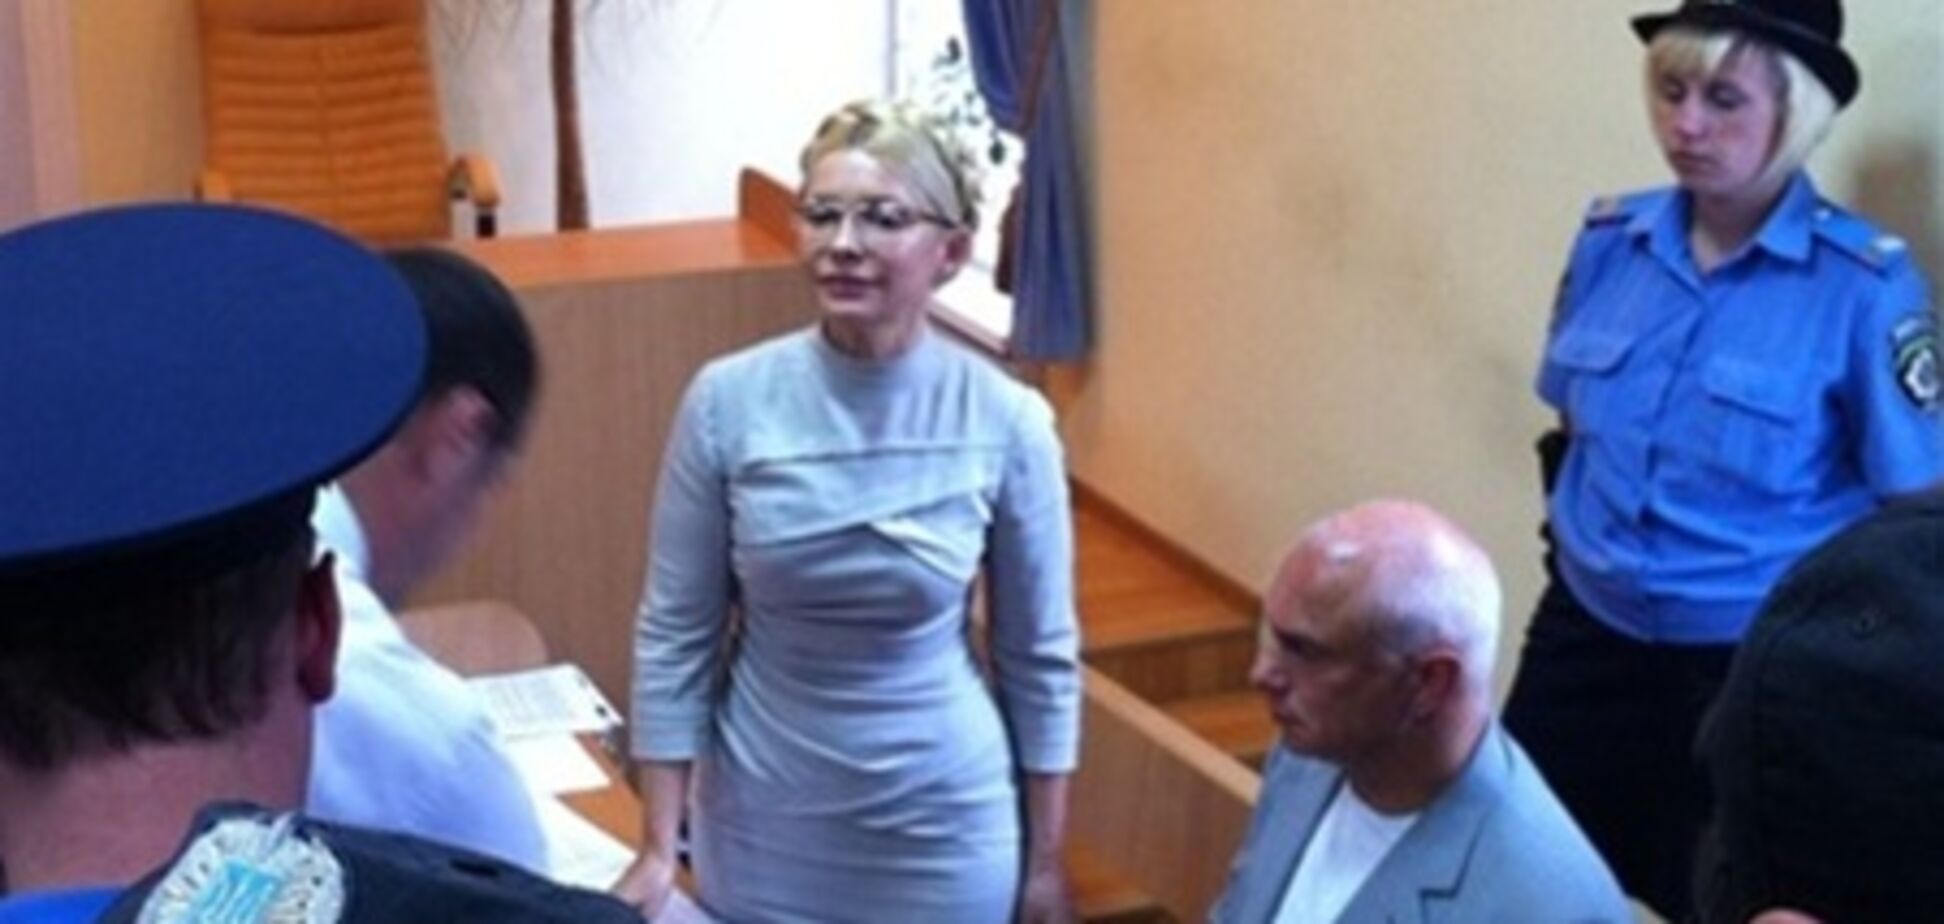 Чоловік Тимошенко: я був змушений виїхати з України і просити притулку